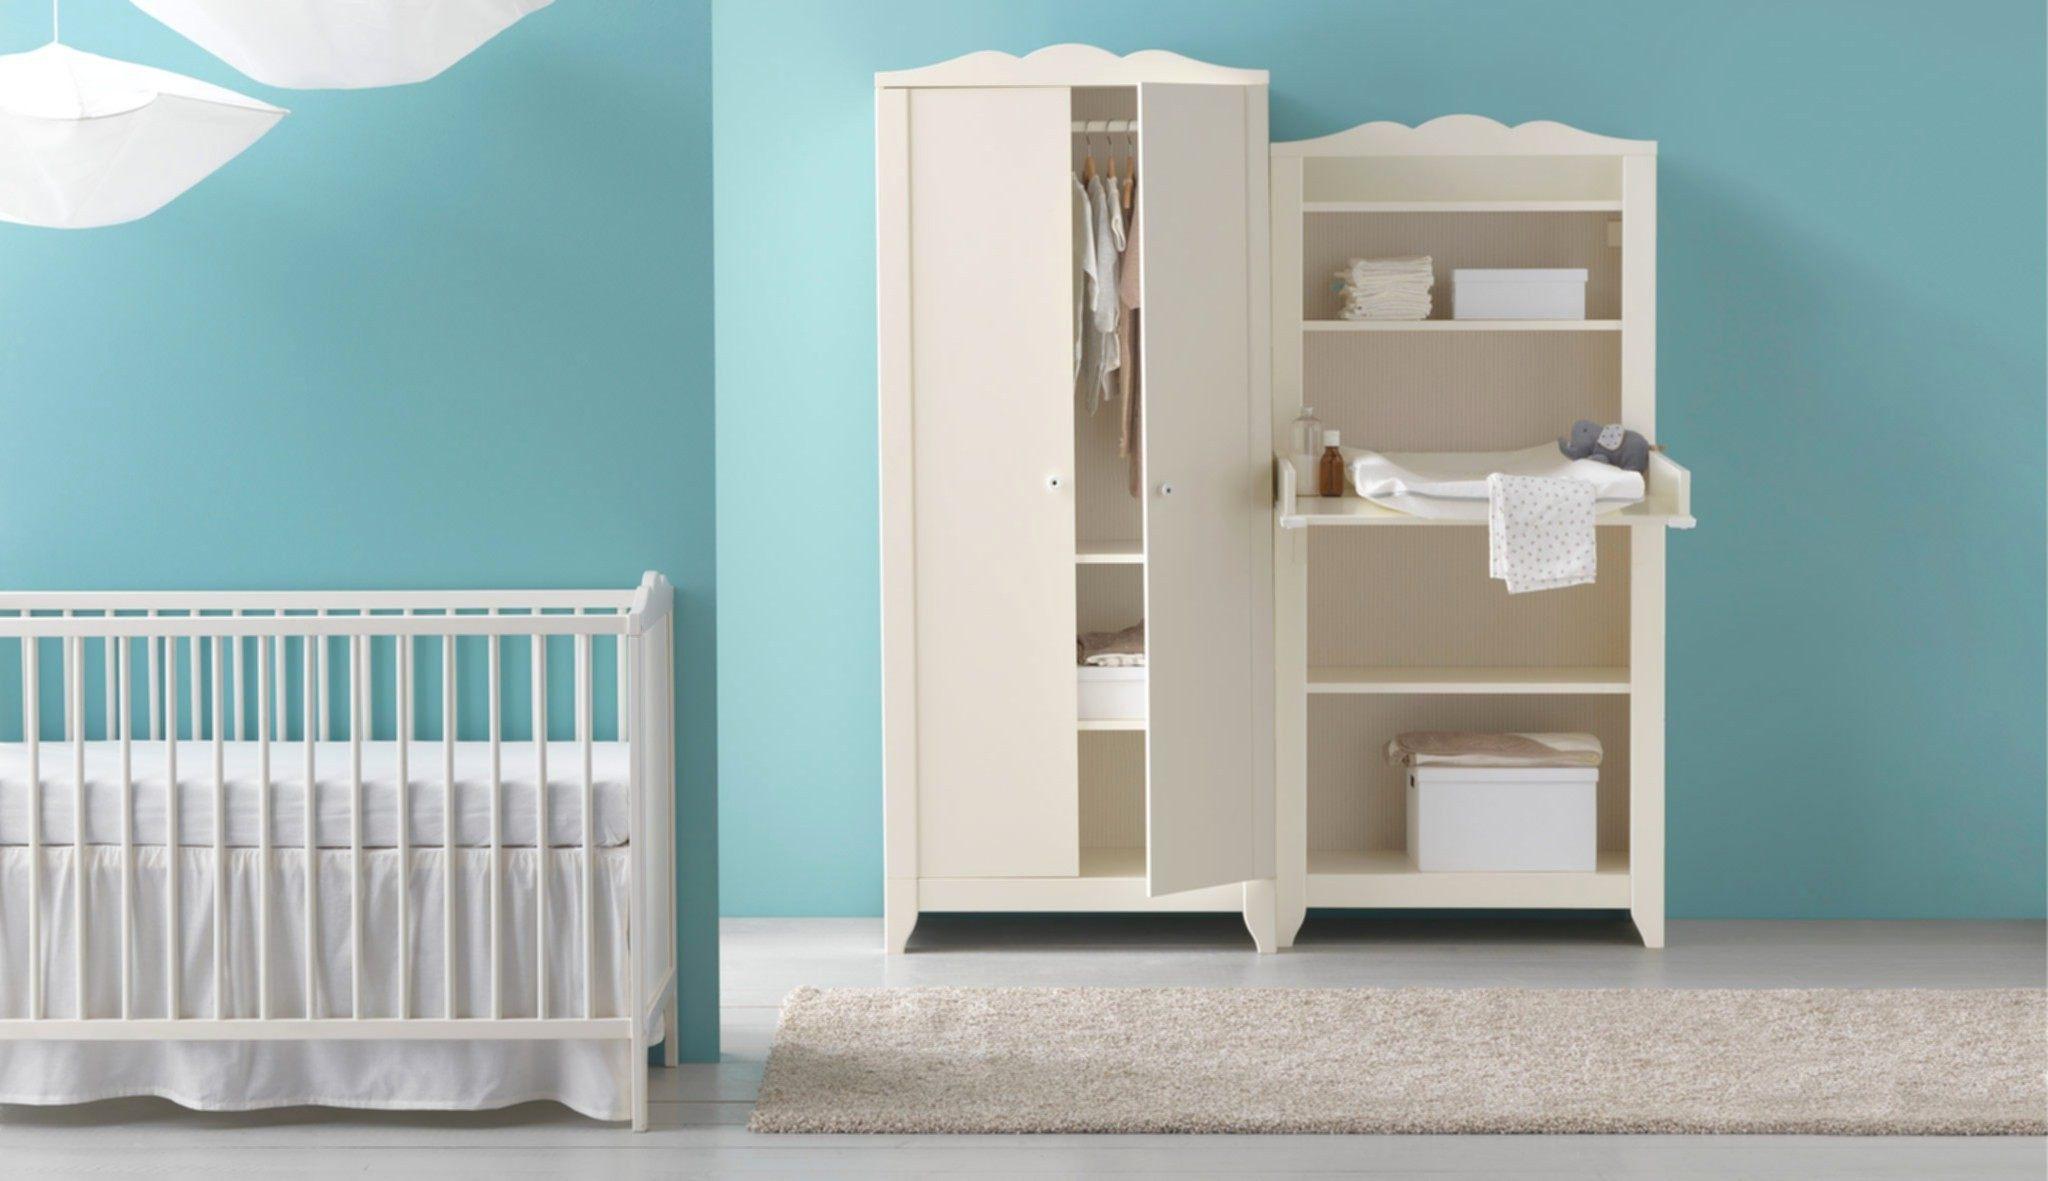 Lit Bébé Ikea Hensvik Inspiré Tapis De Baignoire Bébé Inspirational Ikea Chambre Bebe Fille Avec